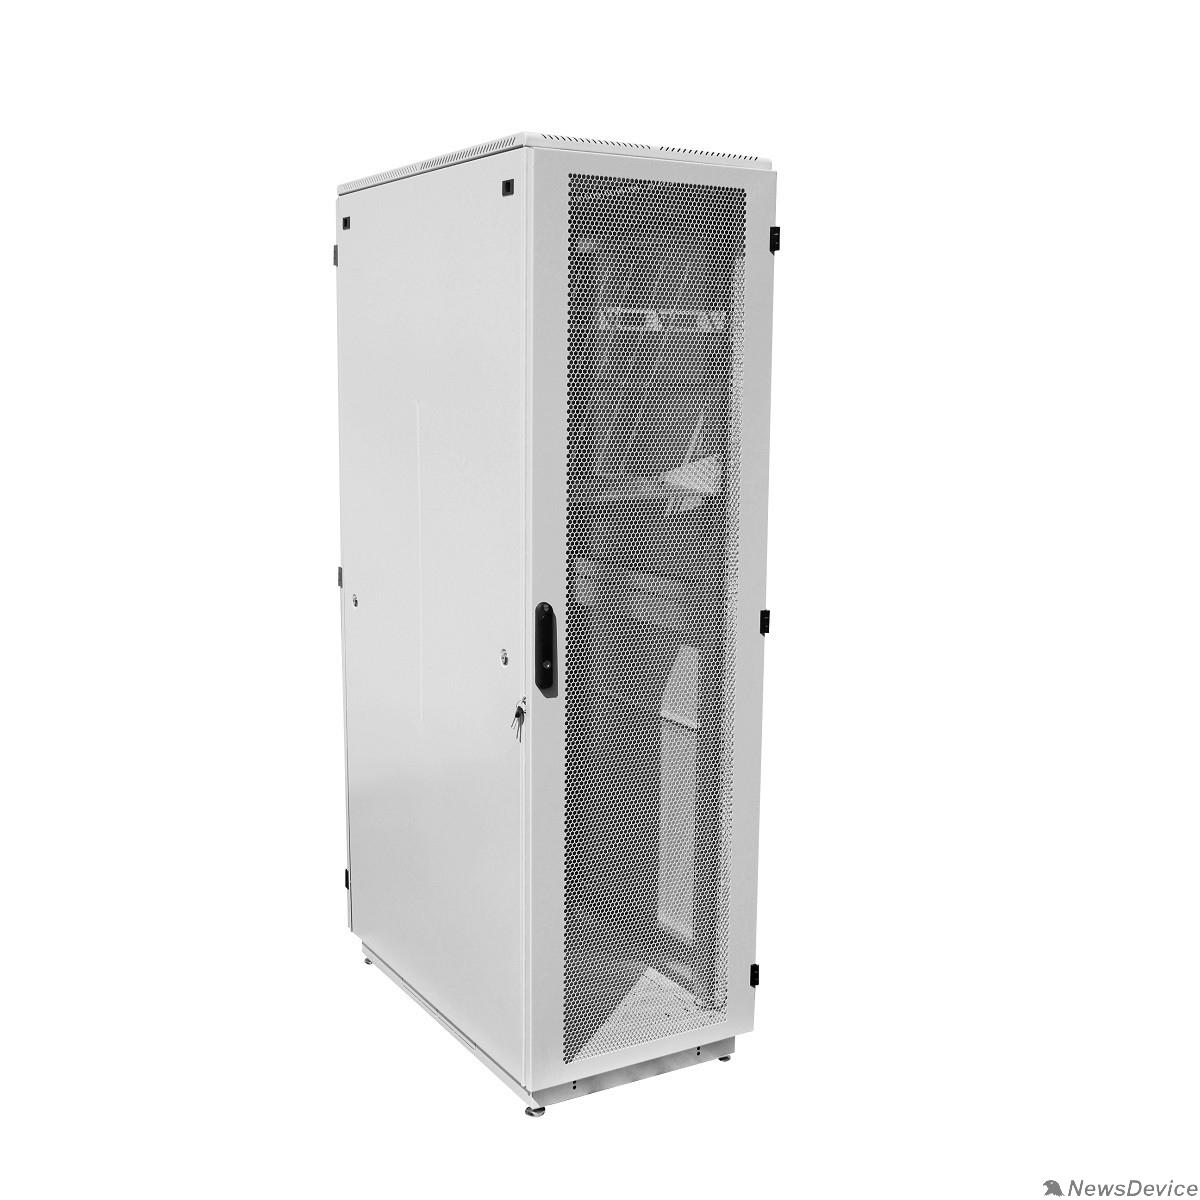 Монтажное оборудование ЦМО Шкаф телекоммуникационный напольный 33U (600x1000) дверь перфорированная 2 шт (ШТК-М-33.6.10-44АА) (3 коробки)